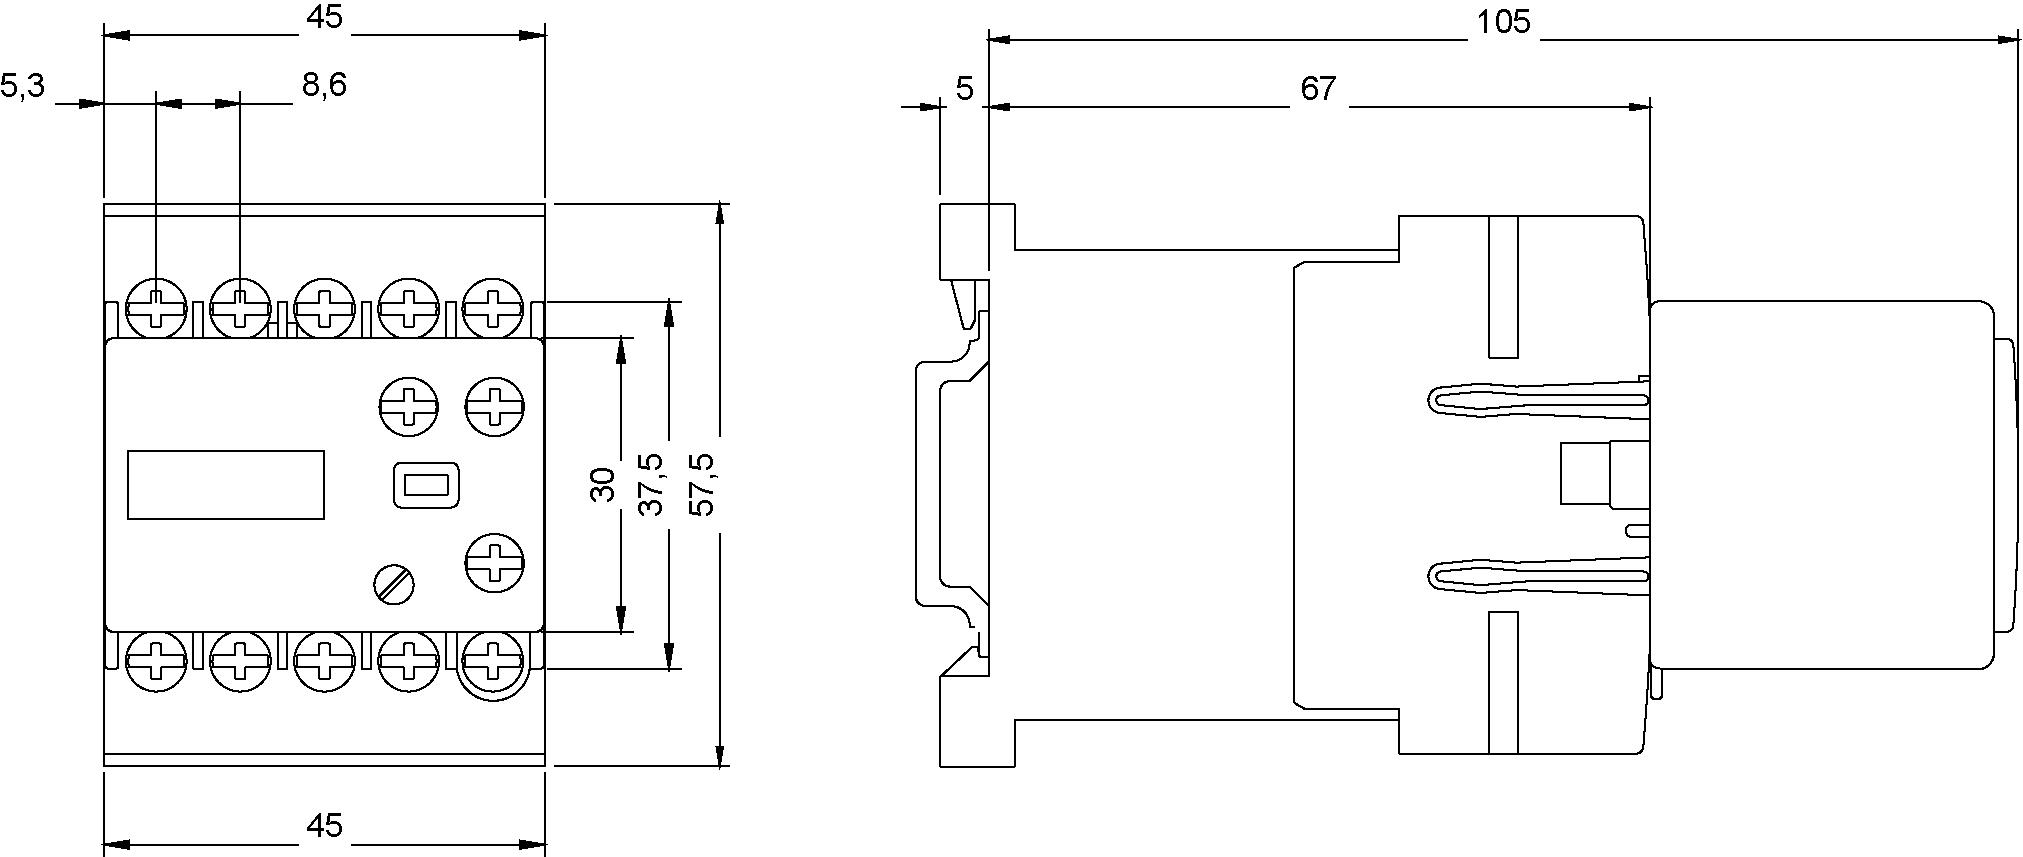 ОТДЕЛЬНО СТОЯЩЕЕ 2-Х ПРОВОДНОЕ РЕЛЕ ВРЕМЕНИ ДИАПАЗОН УСТАВОК 0.05 S..1 НO, AC/DC 90..240 V, ЗАДЕРЖКА ВЫКЛЮЧЕНИЯ, С ВАРИСТОРОМ ДЛЯ МОНТАЖА НА КОНТАКТОРЫ ТИПОРАЗМЕР S00, (3RT1916-2DH11) 3RT1916-2DH11 Siemens